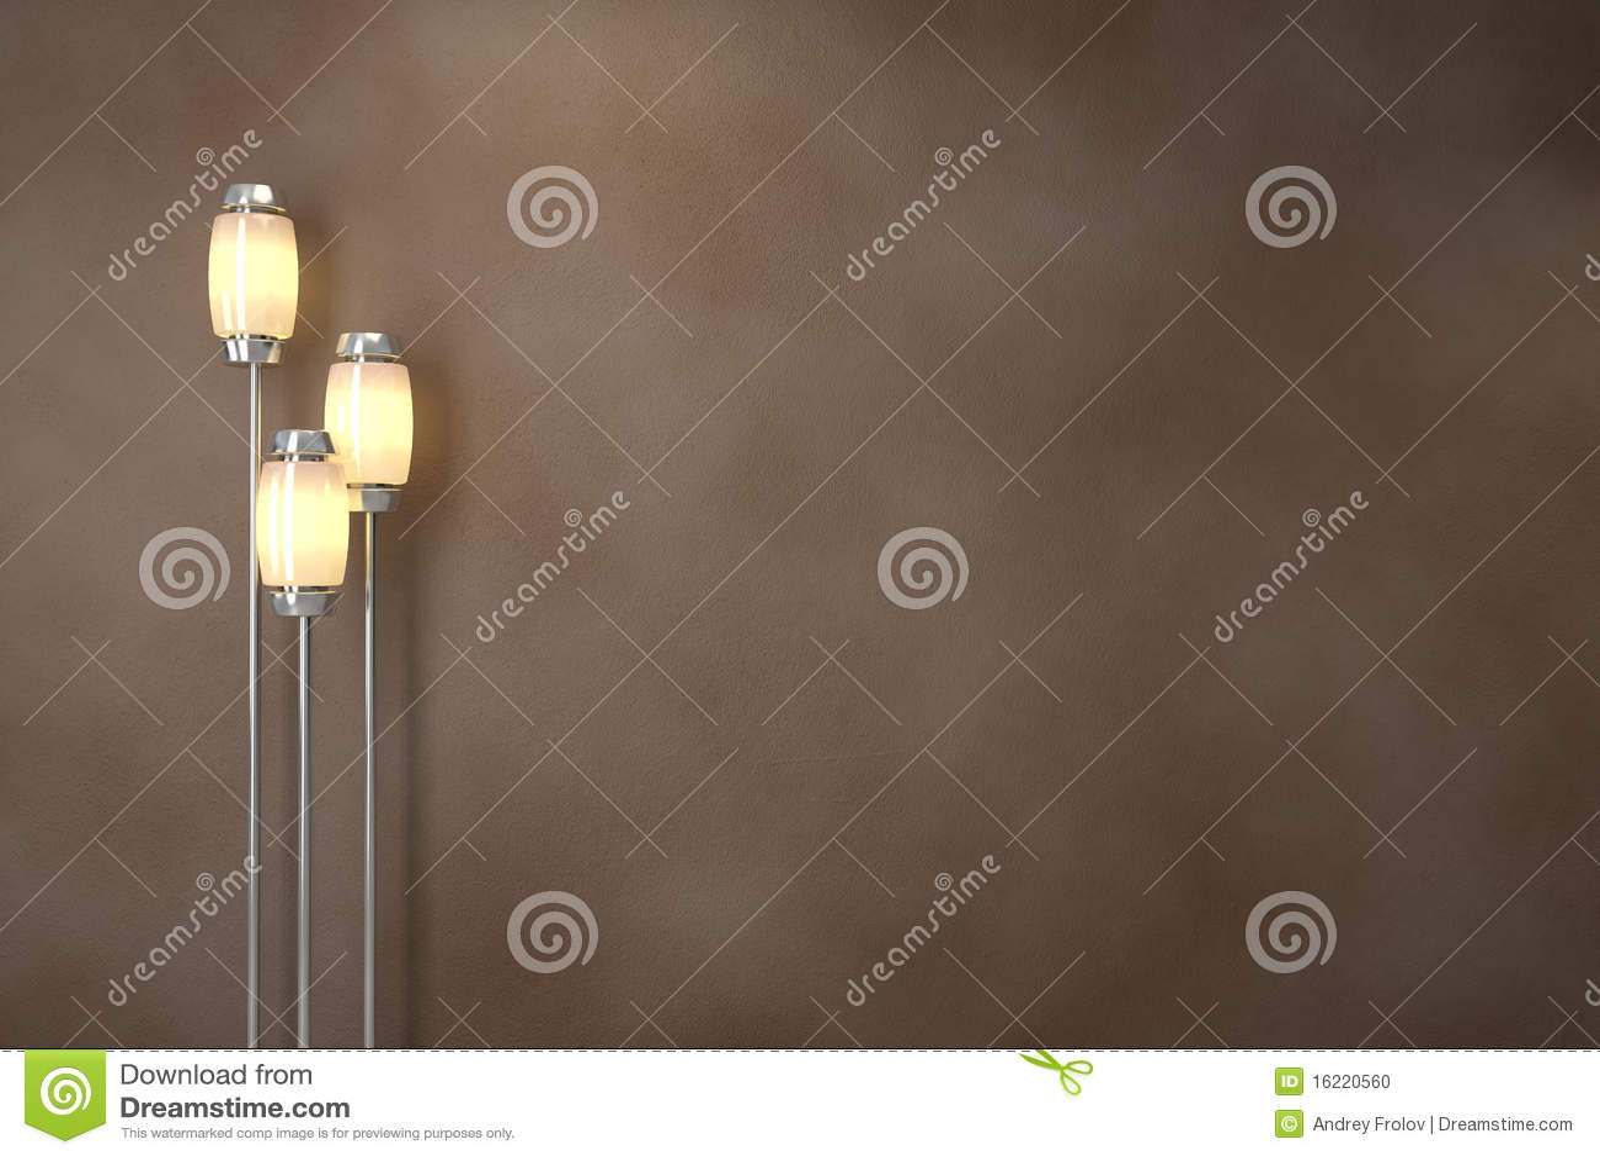 Moderne lampen. Zachte verlichting